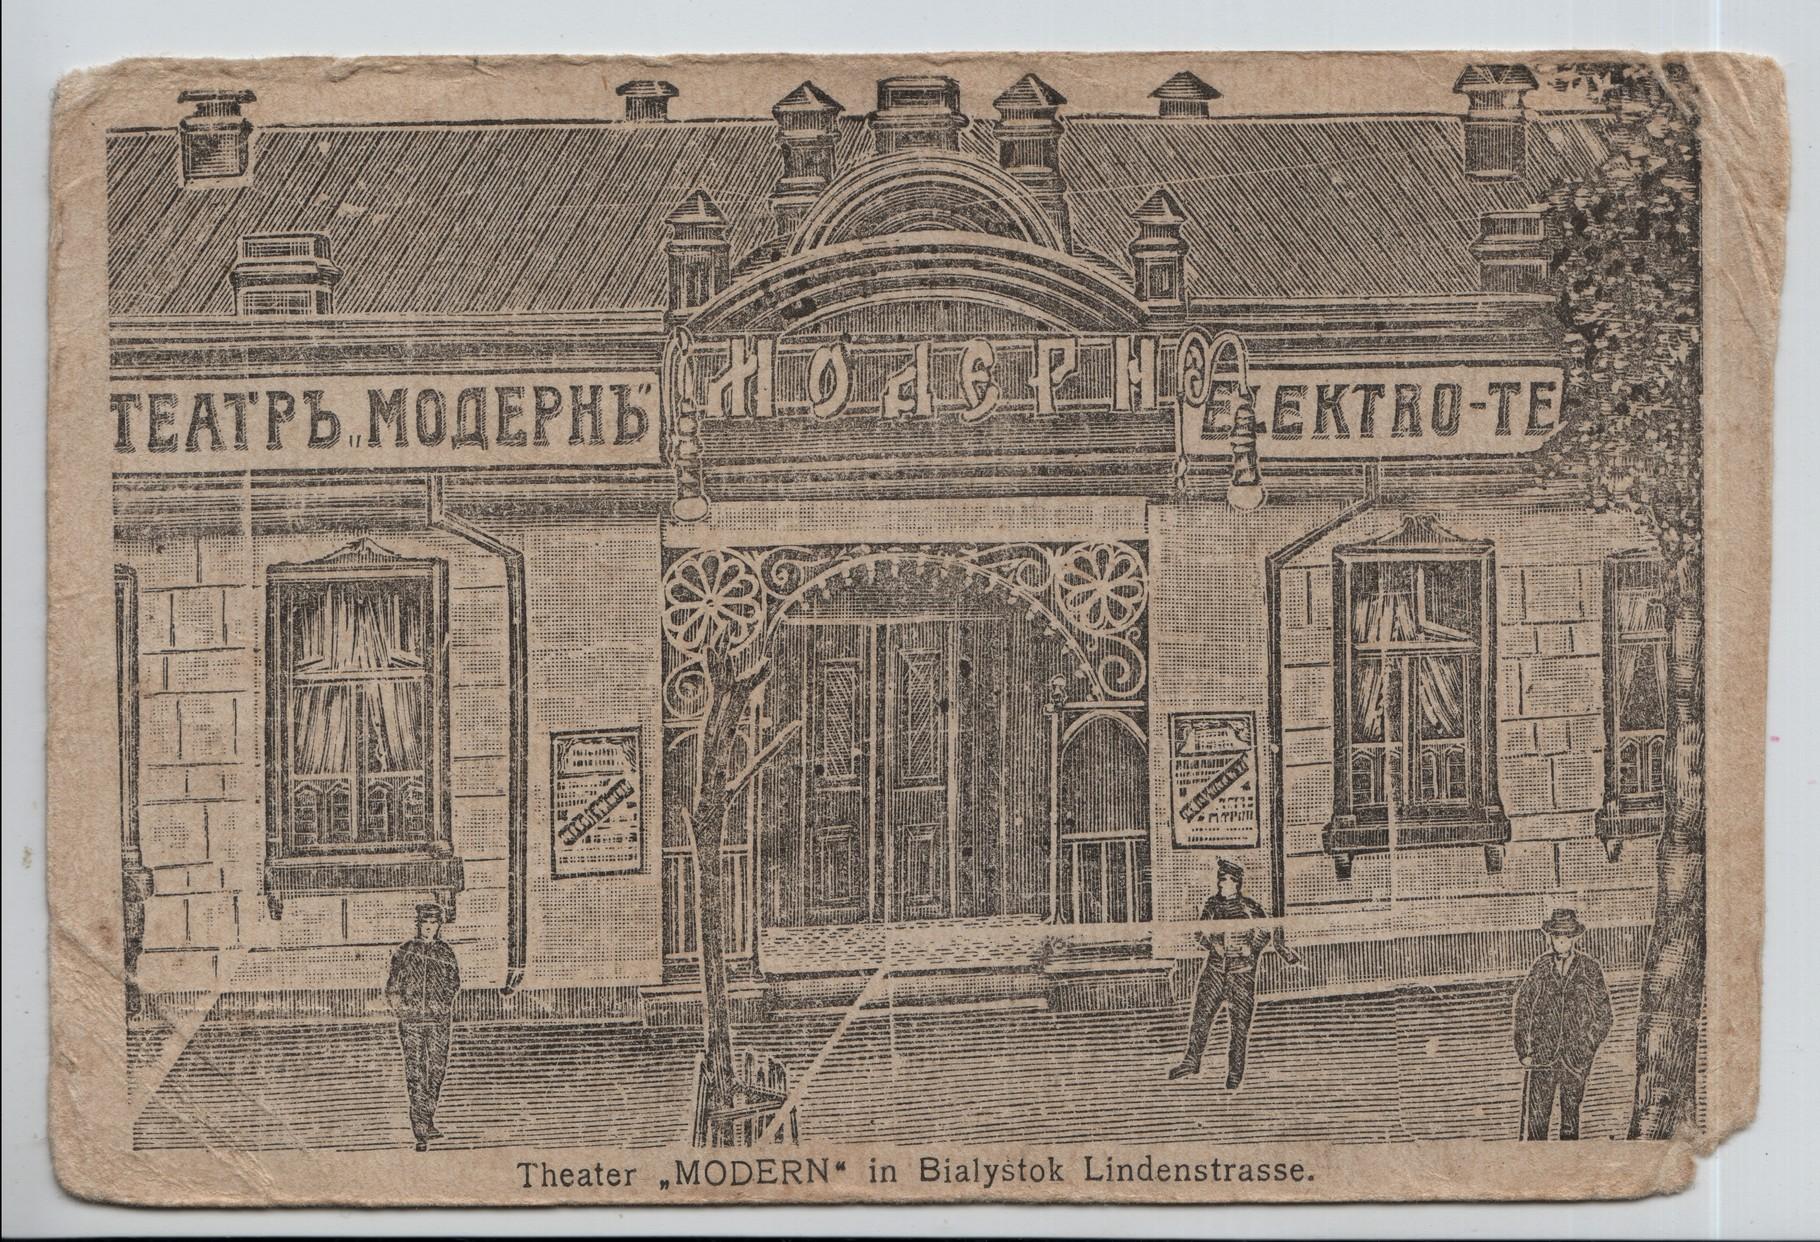 5. Theatre Modern Bialystok